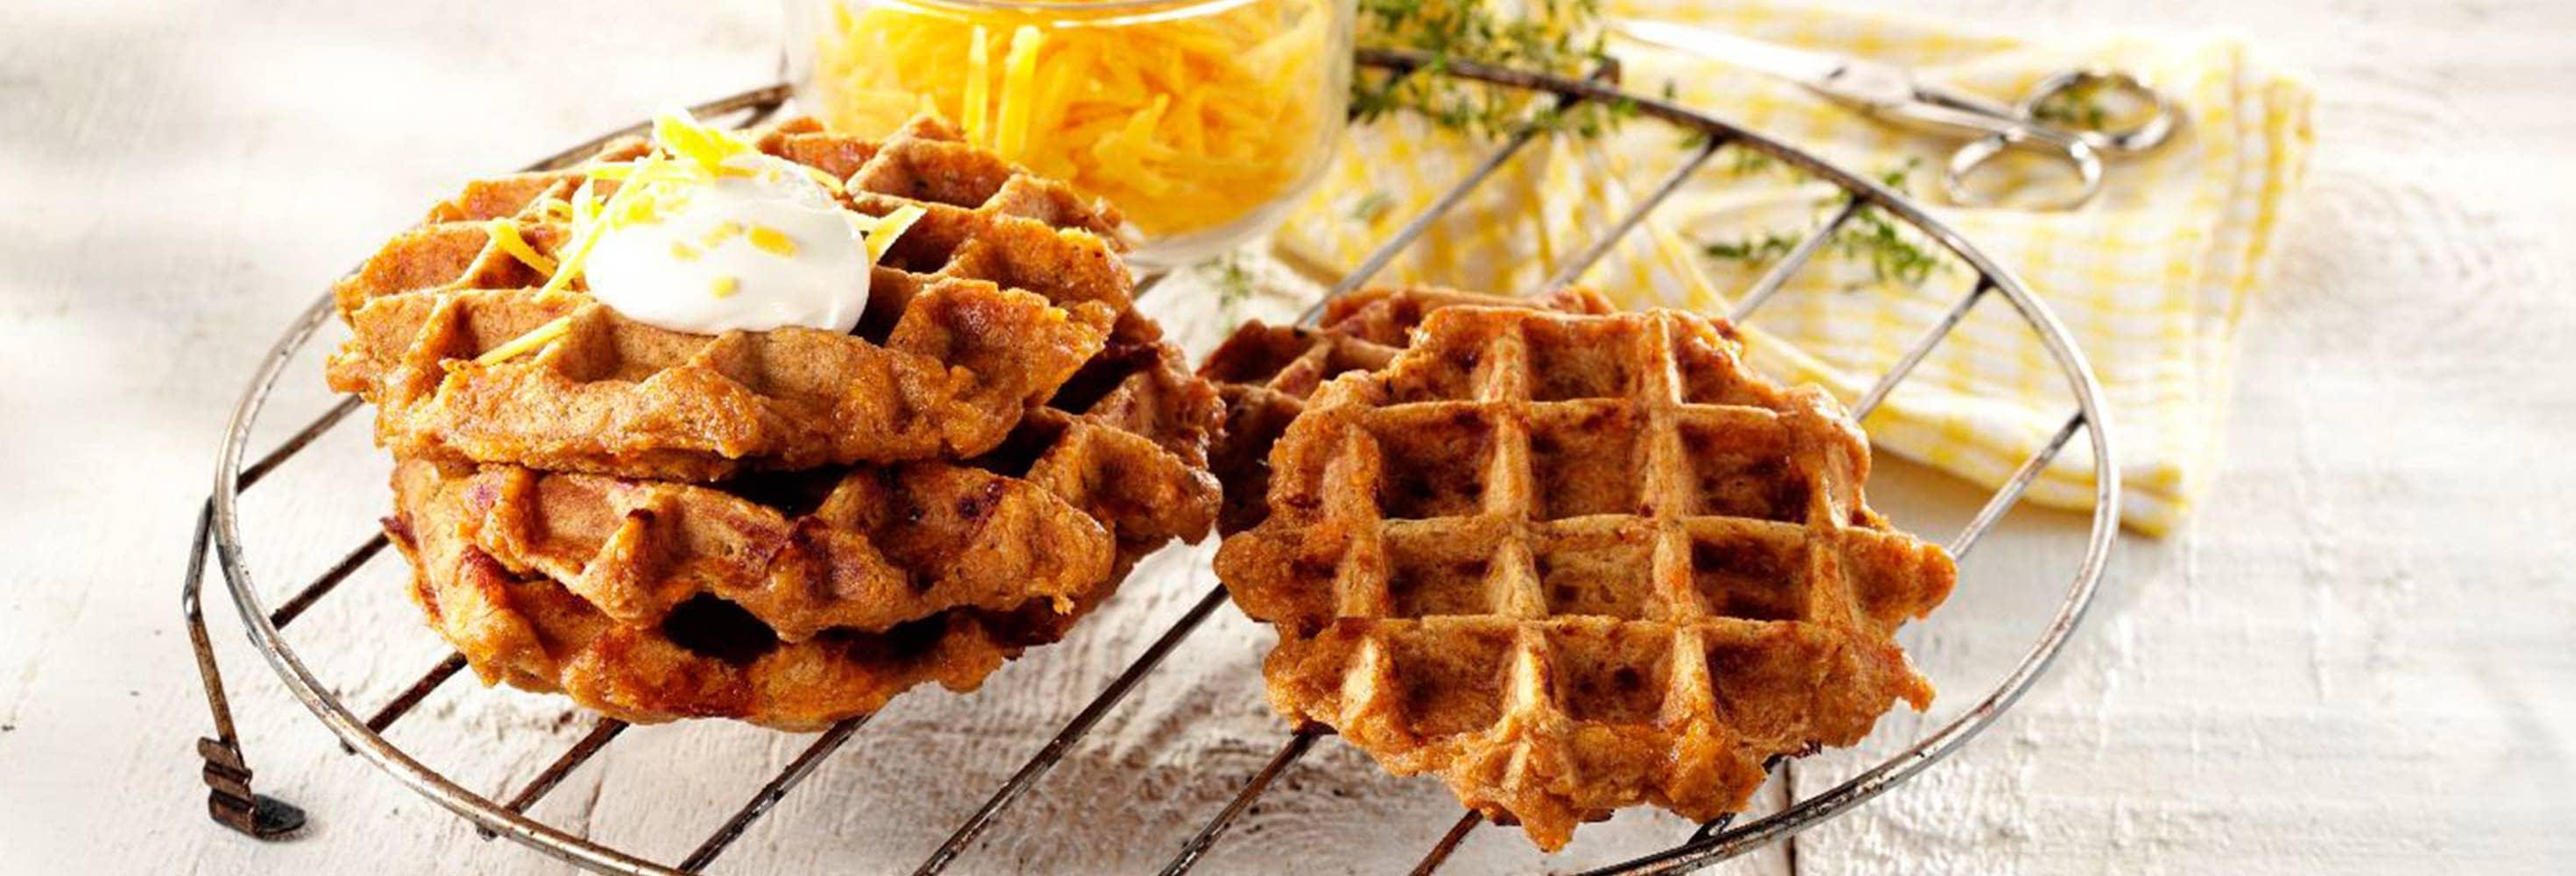 Gaufres aux patates douces, à la crème sure et au cheddar